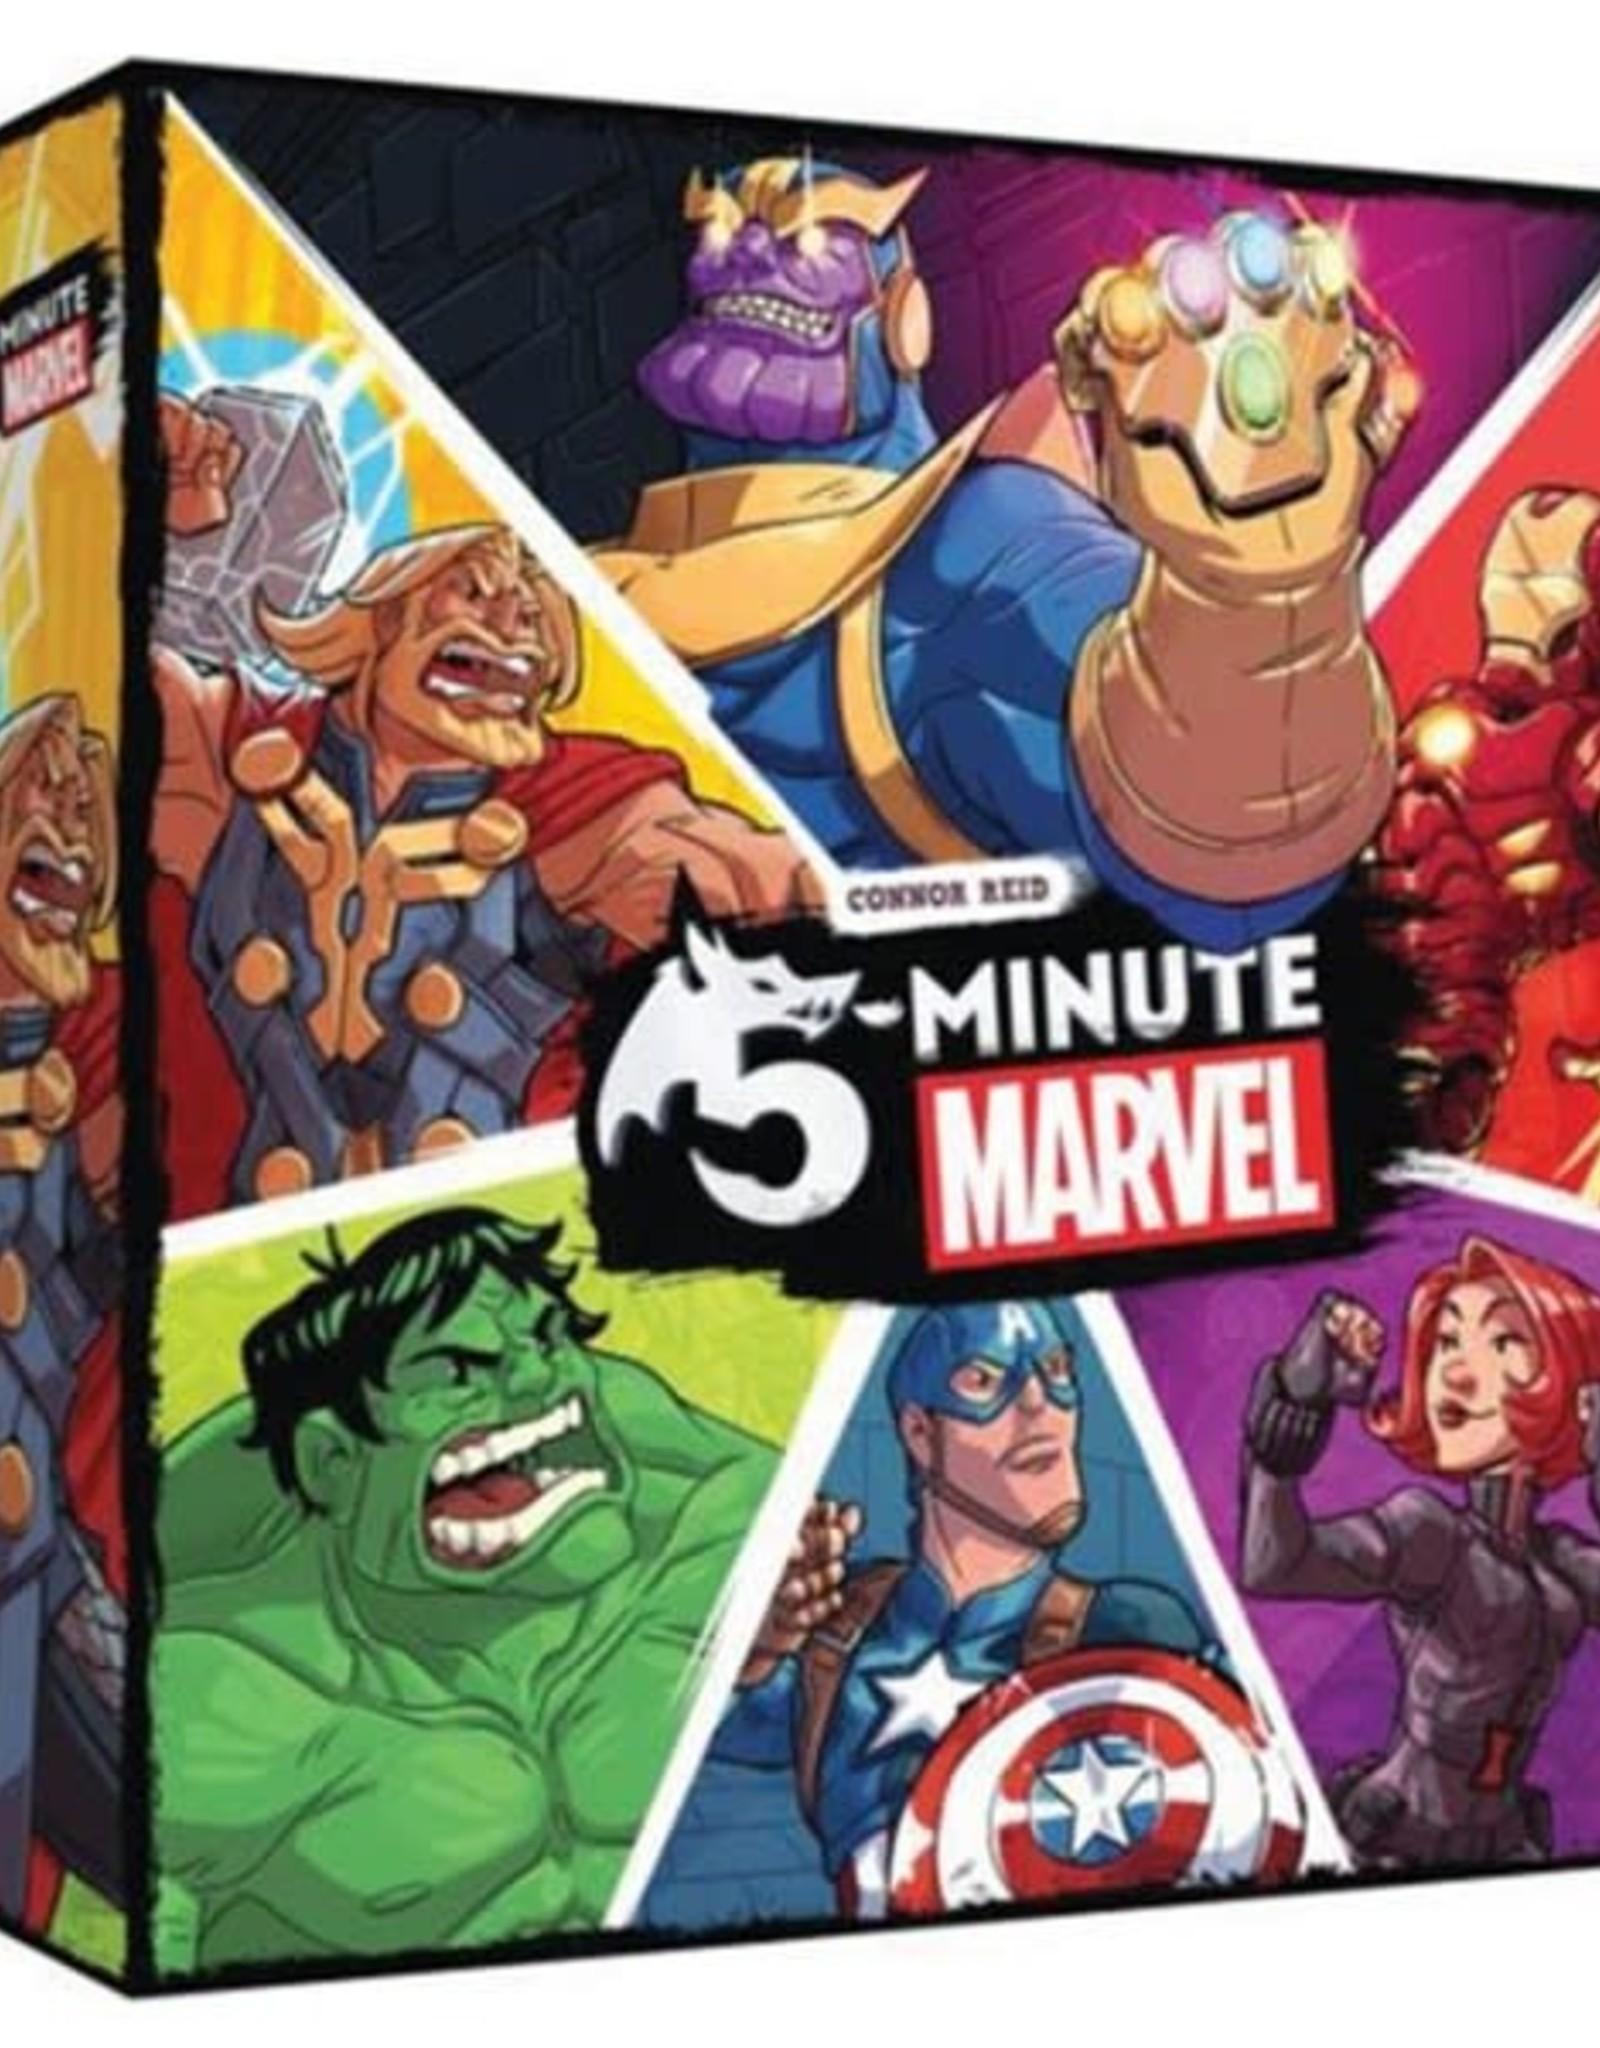 Spinmaster 5 Minute Marvel